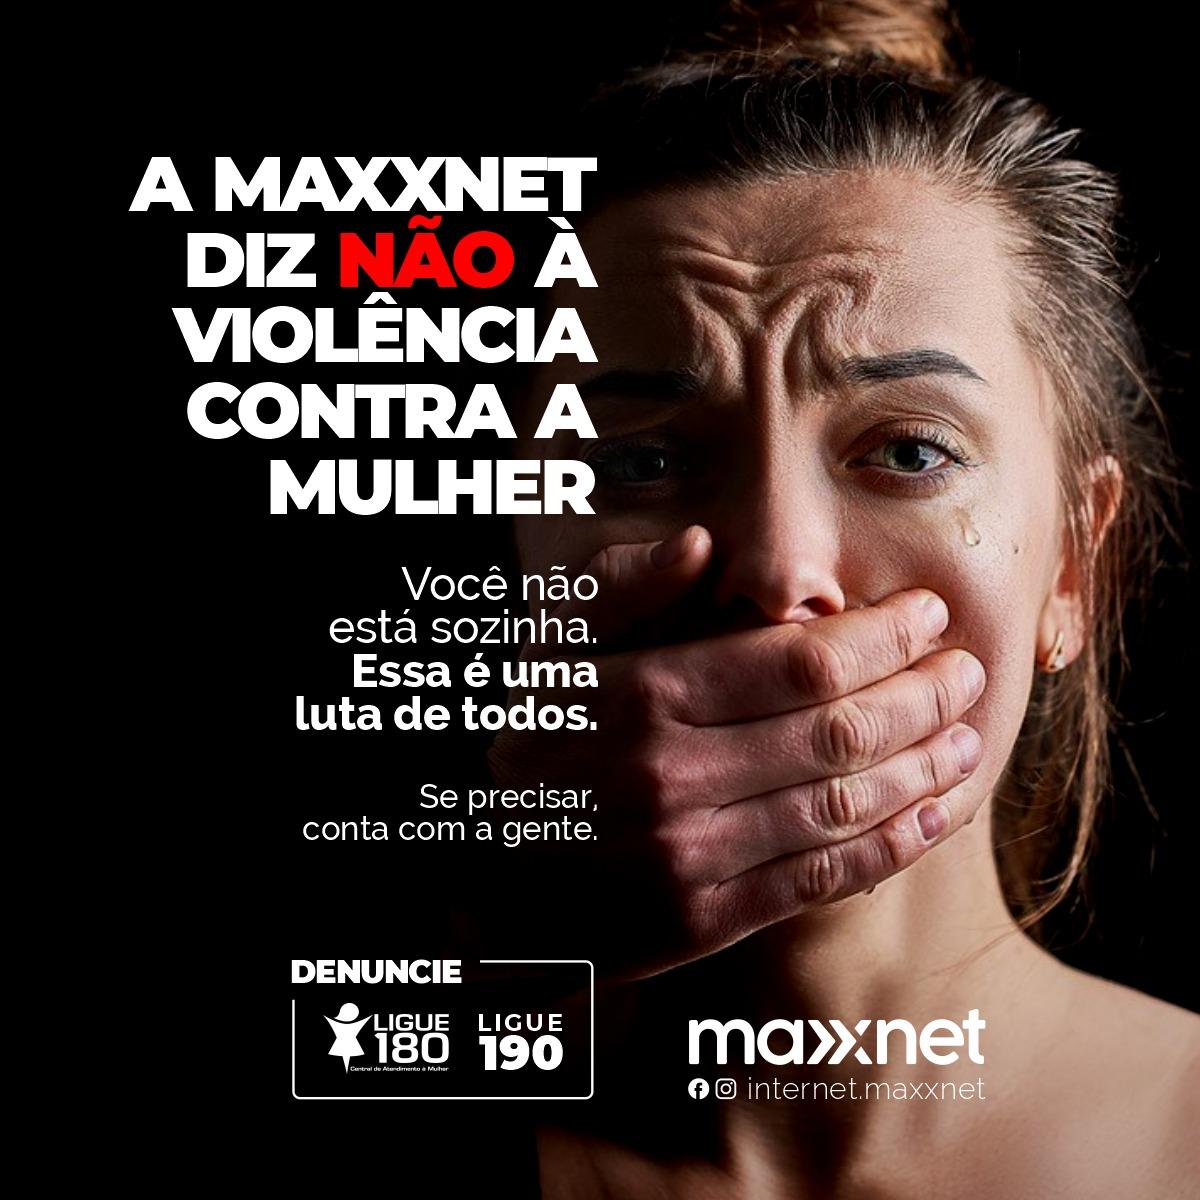 Uma campanha da Maxxnet: diz não à violência contra a mulher